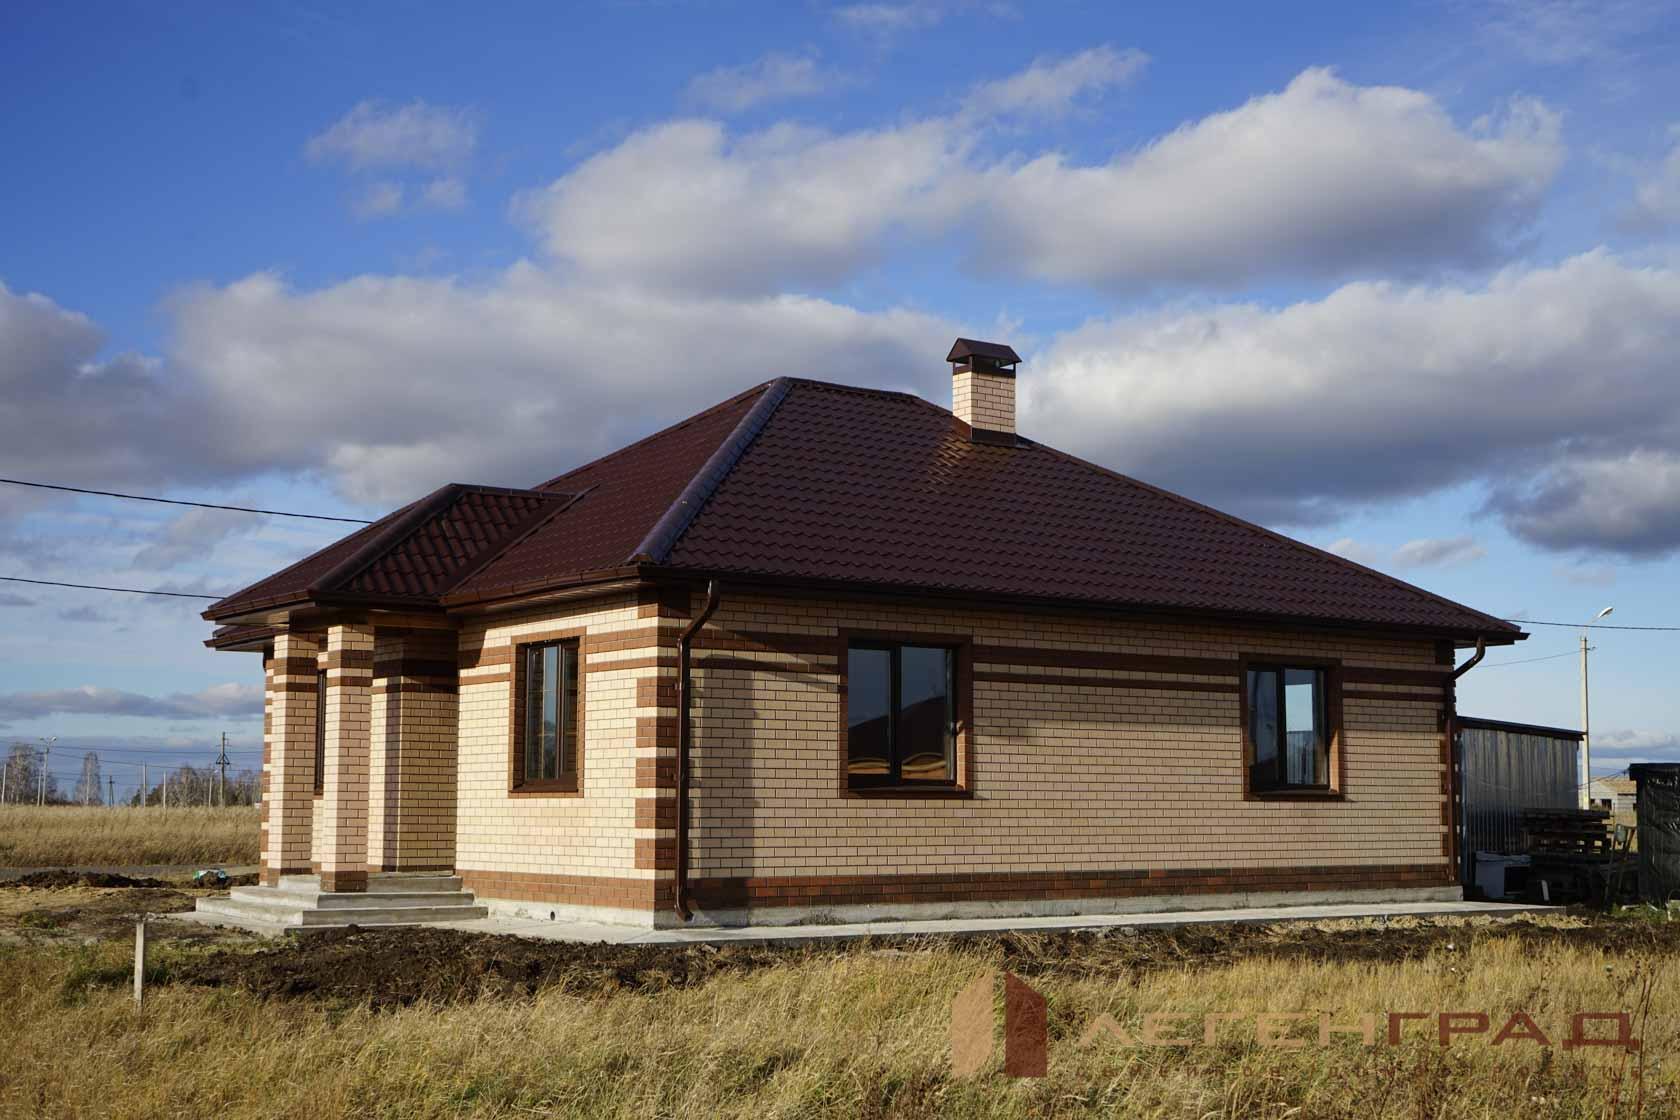 чтобы обрезали одноэтажные дома фото реальных домов продолжают менять свою